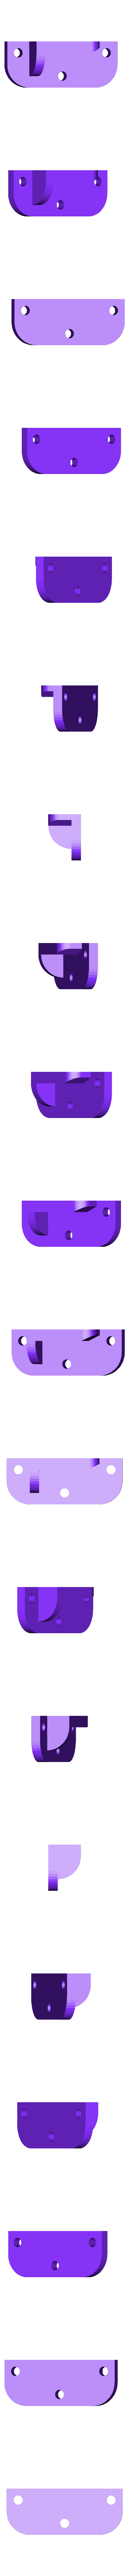 laatjes_slot.stl Télécharger fichier STL gratuit Crête de serrure de tiroir thingamabob • Plan imprimable en 3D, Milan_Gajic